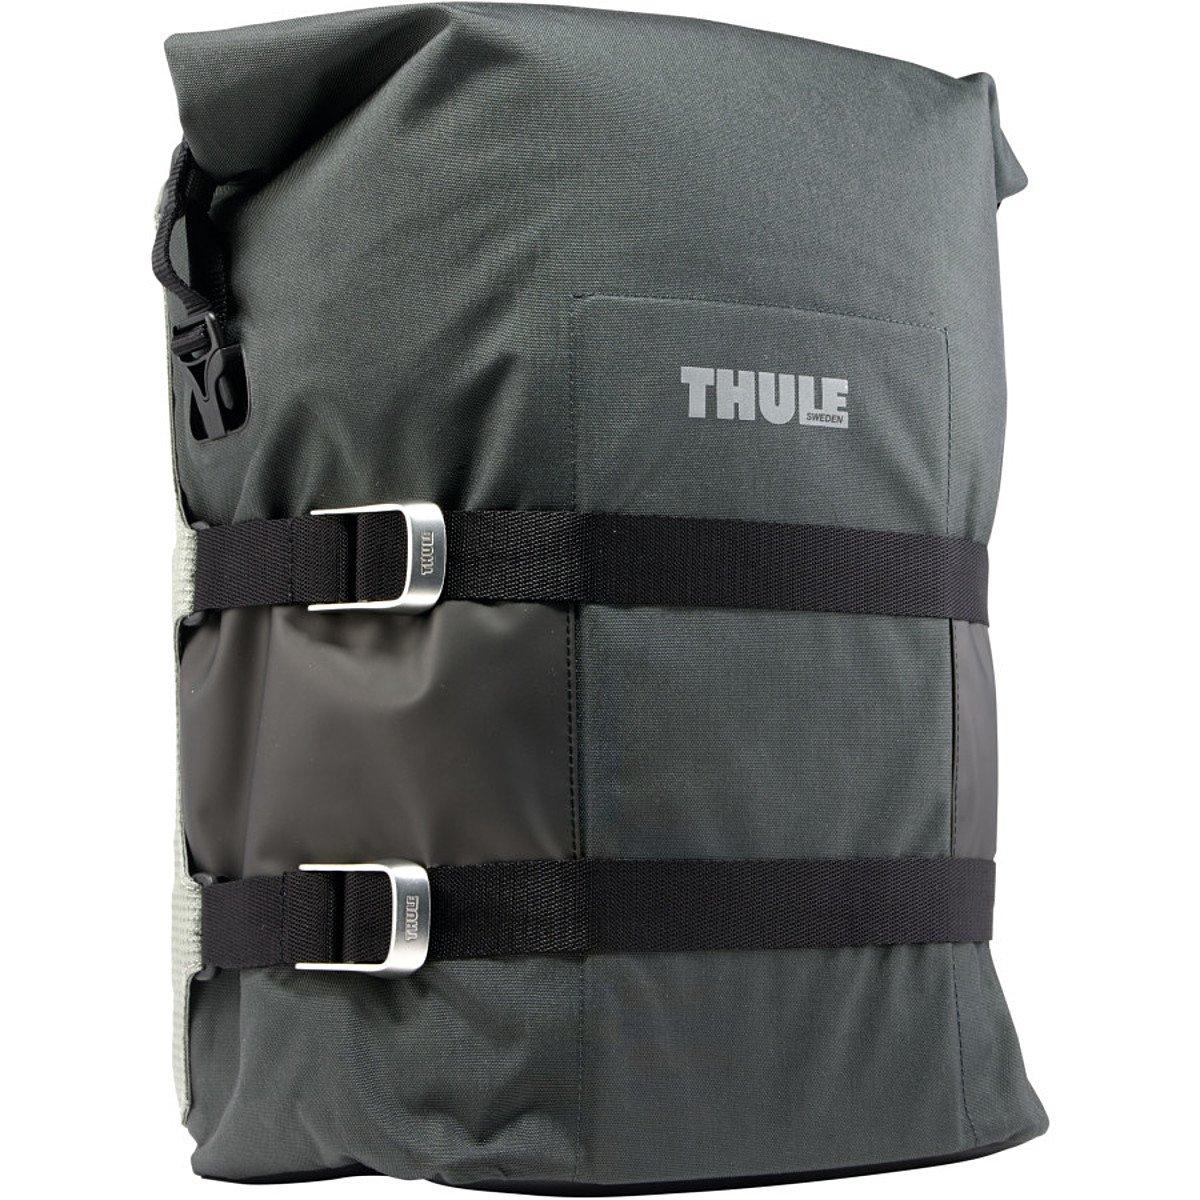 Thule Pack´n Pedal Adventure Tour Pannier Large Fahrradtasche – Schwarz online kaufen